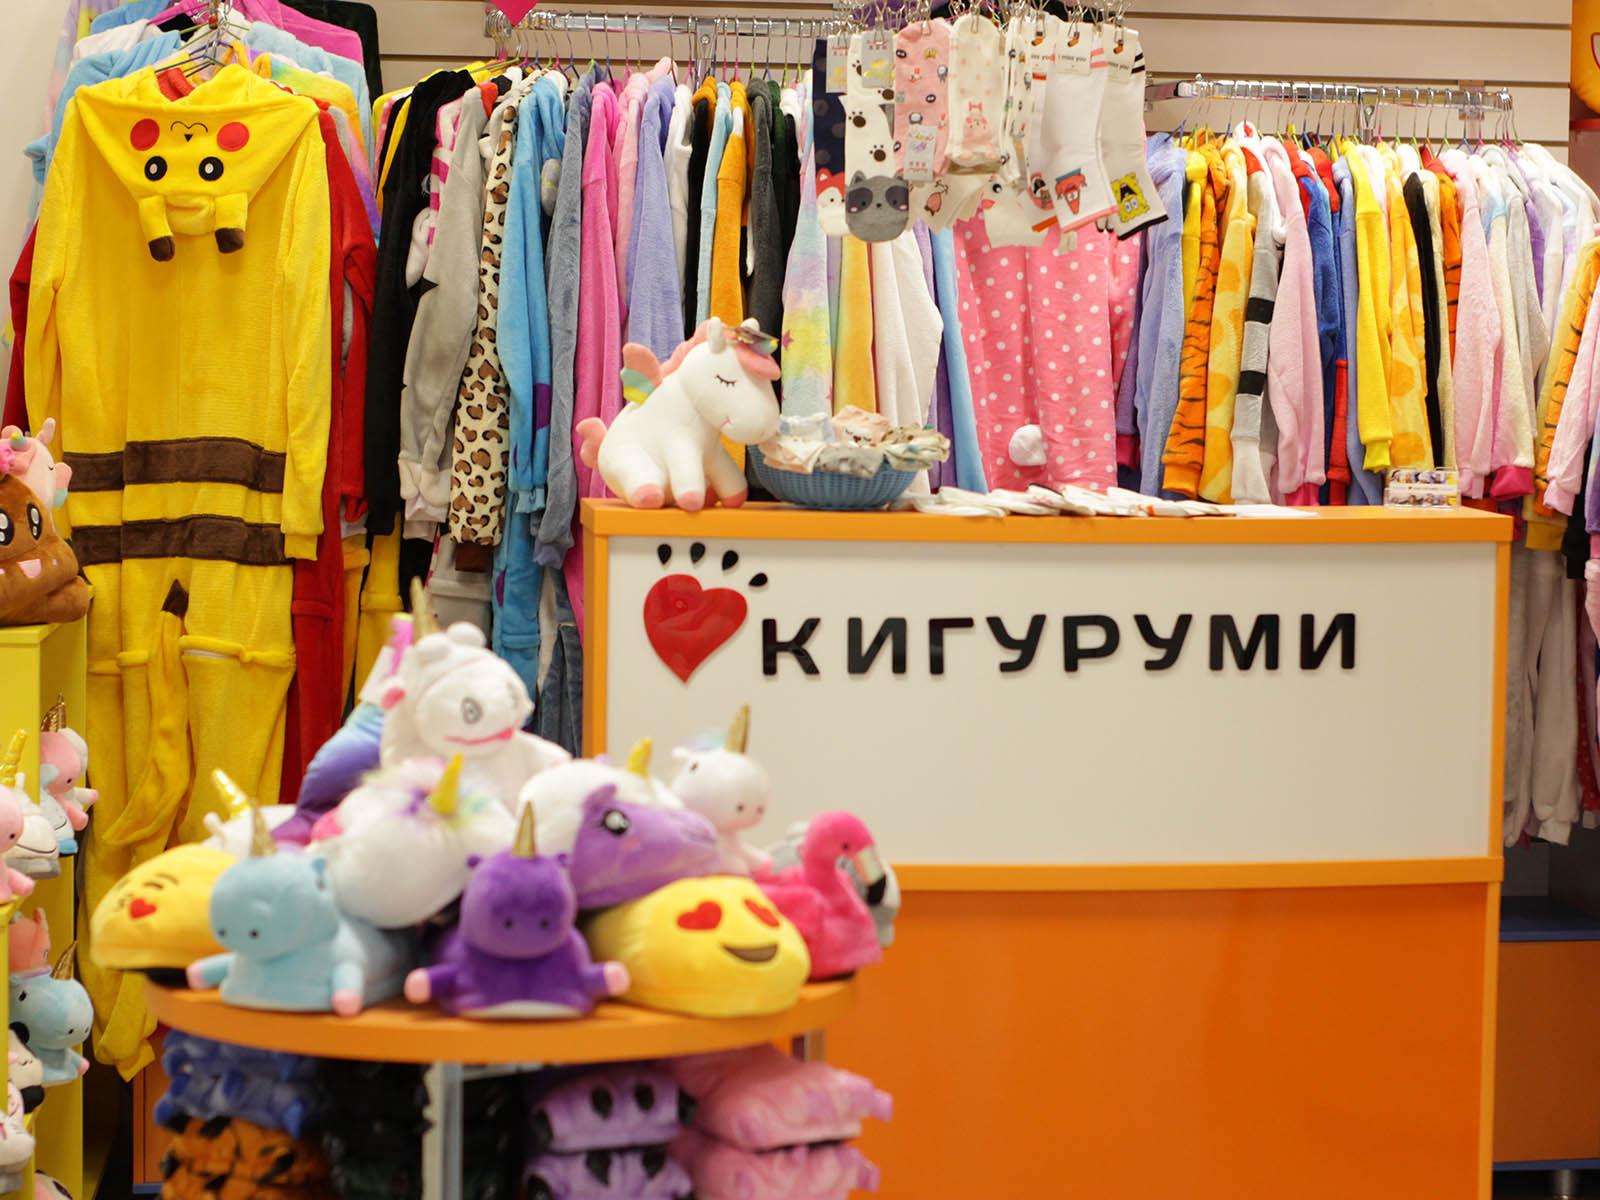 Магазин Кигуруми